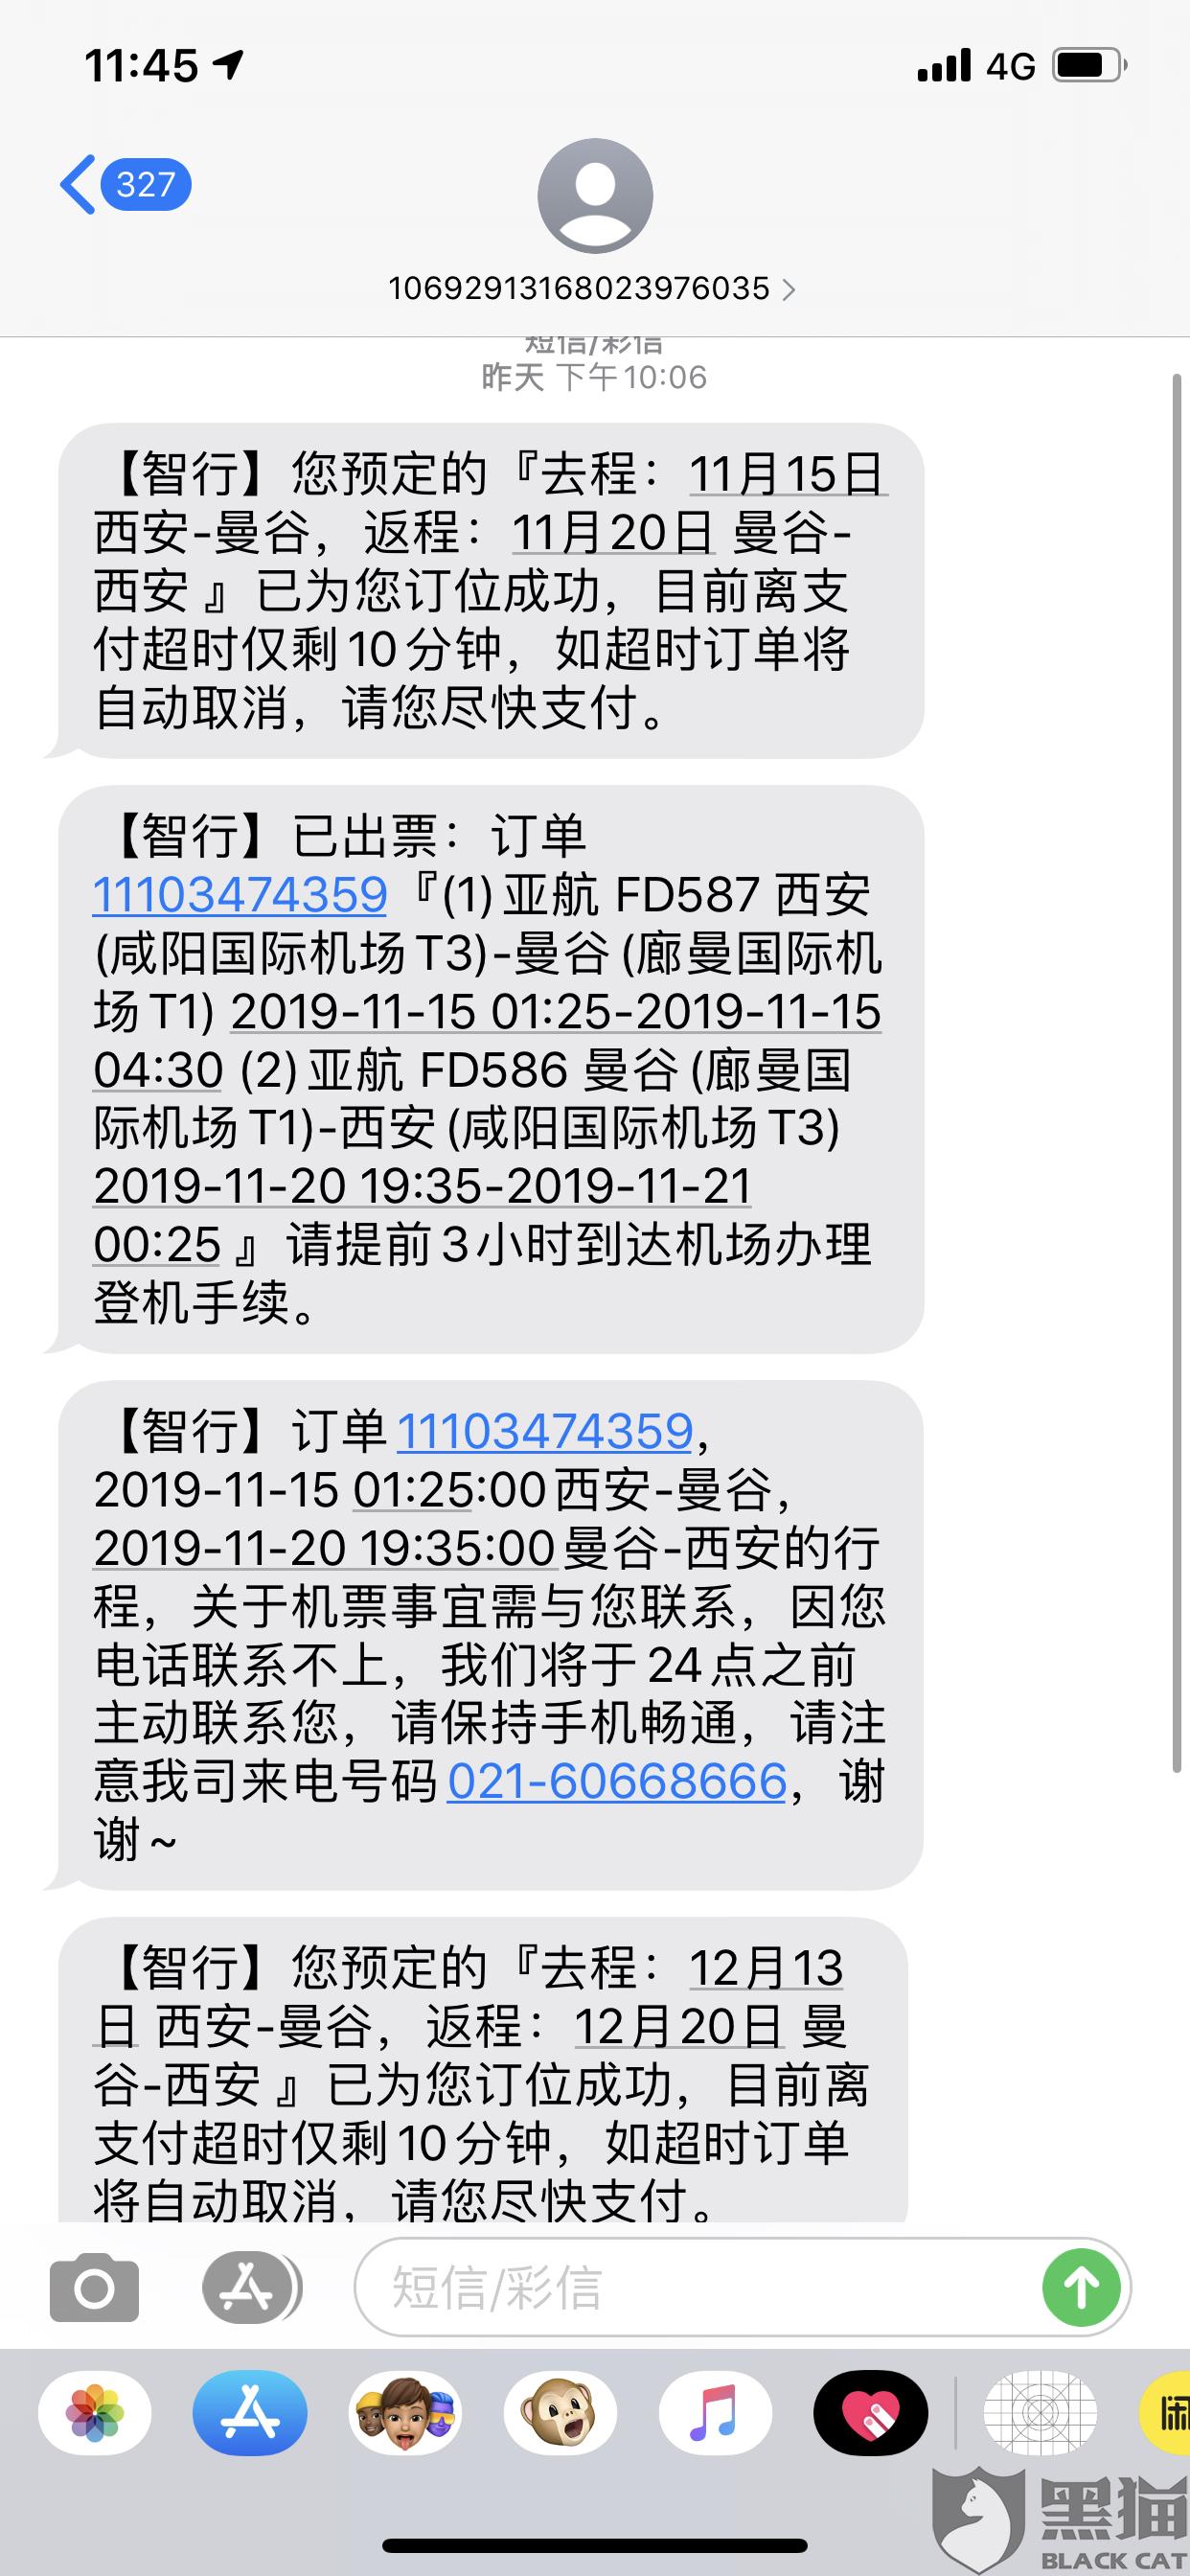 黑猫投诉:2019年11月8日在智行购买11月15日西安飞曼谷的三张往返机票